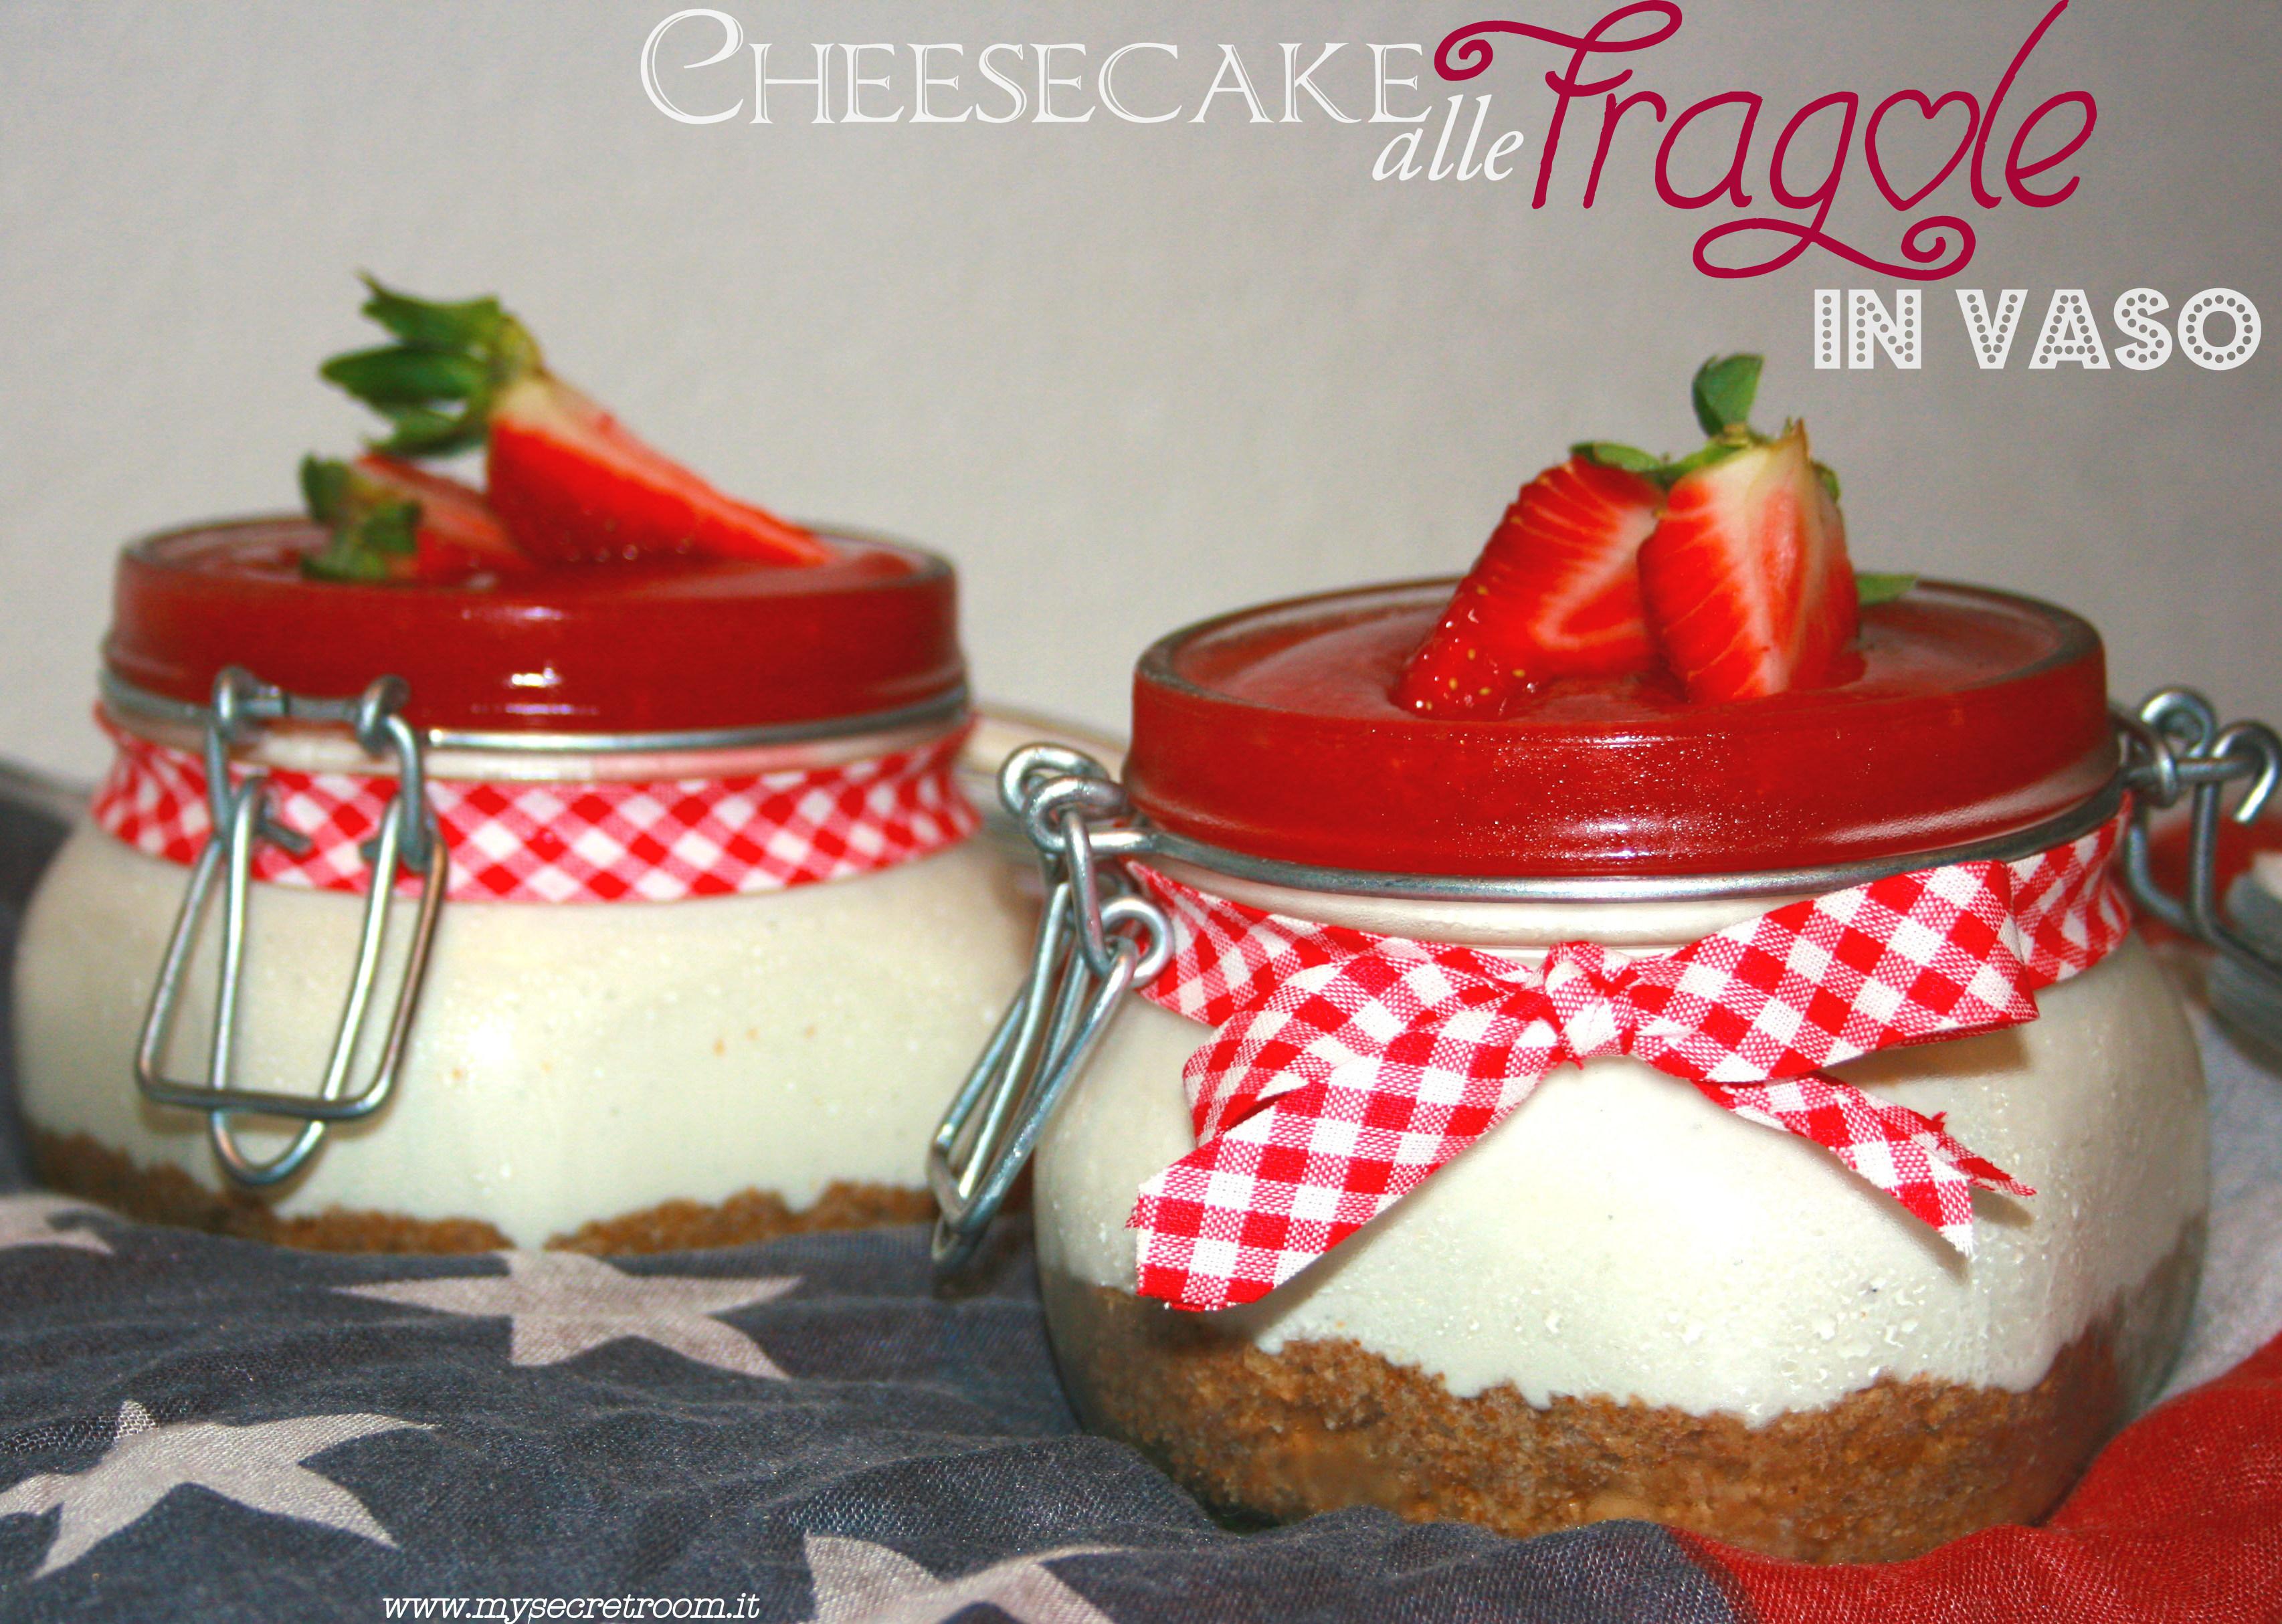 Cheesecake alle fragole in vaso for Fragole in vaso